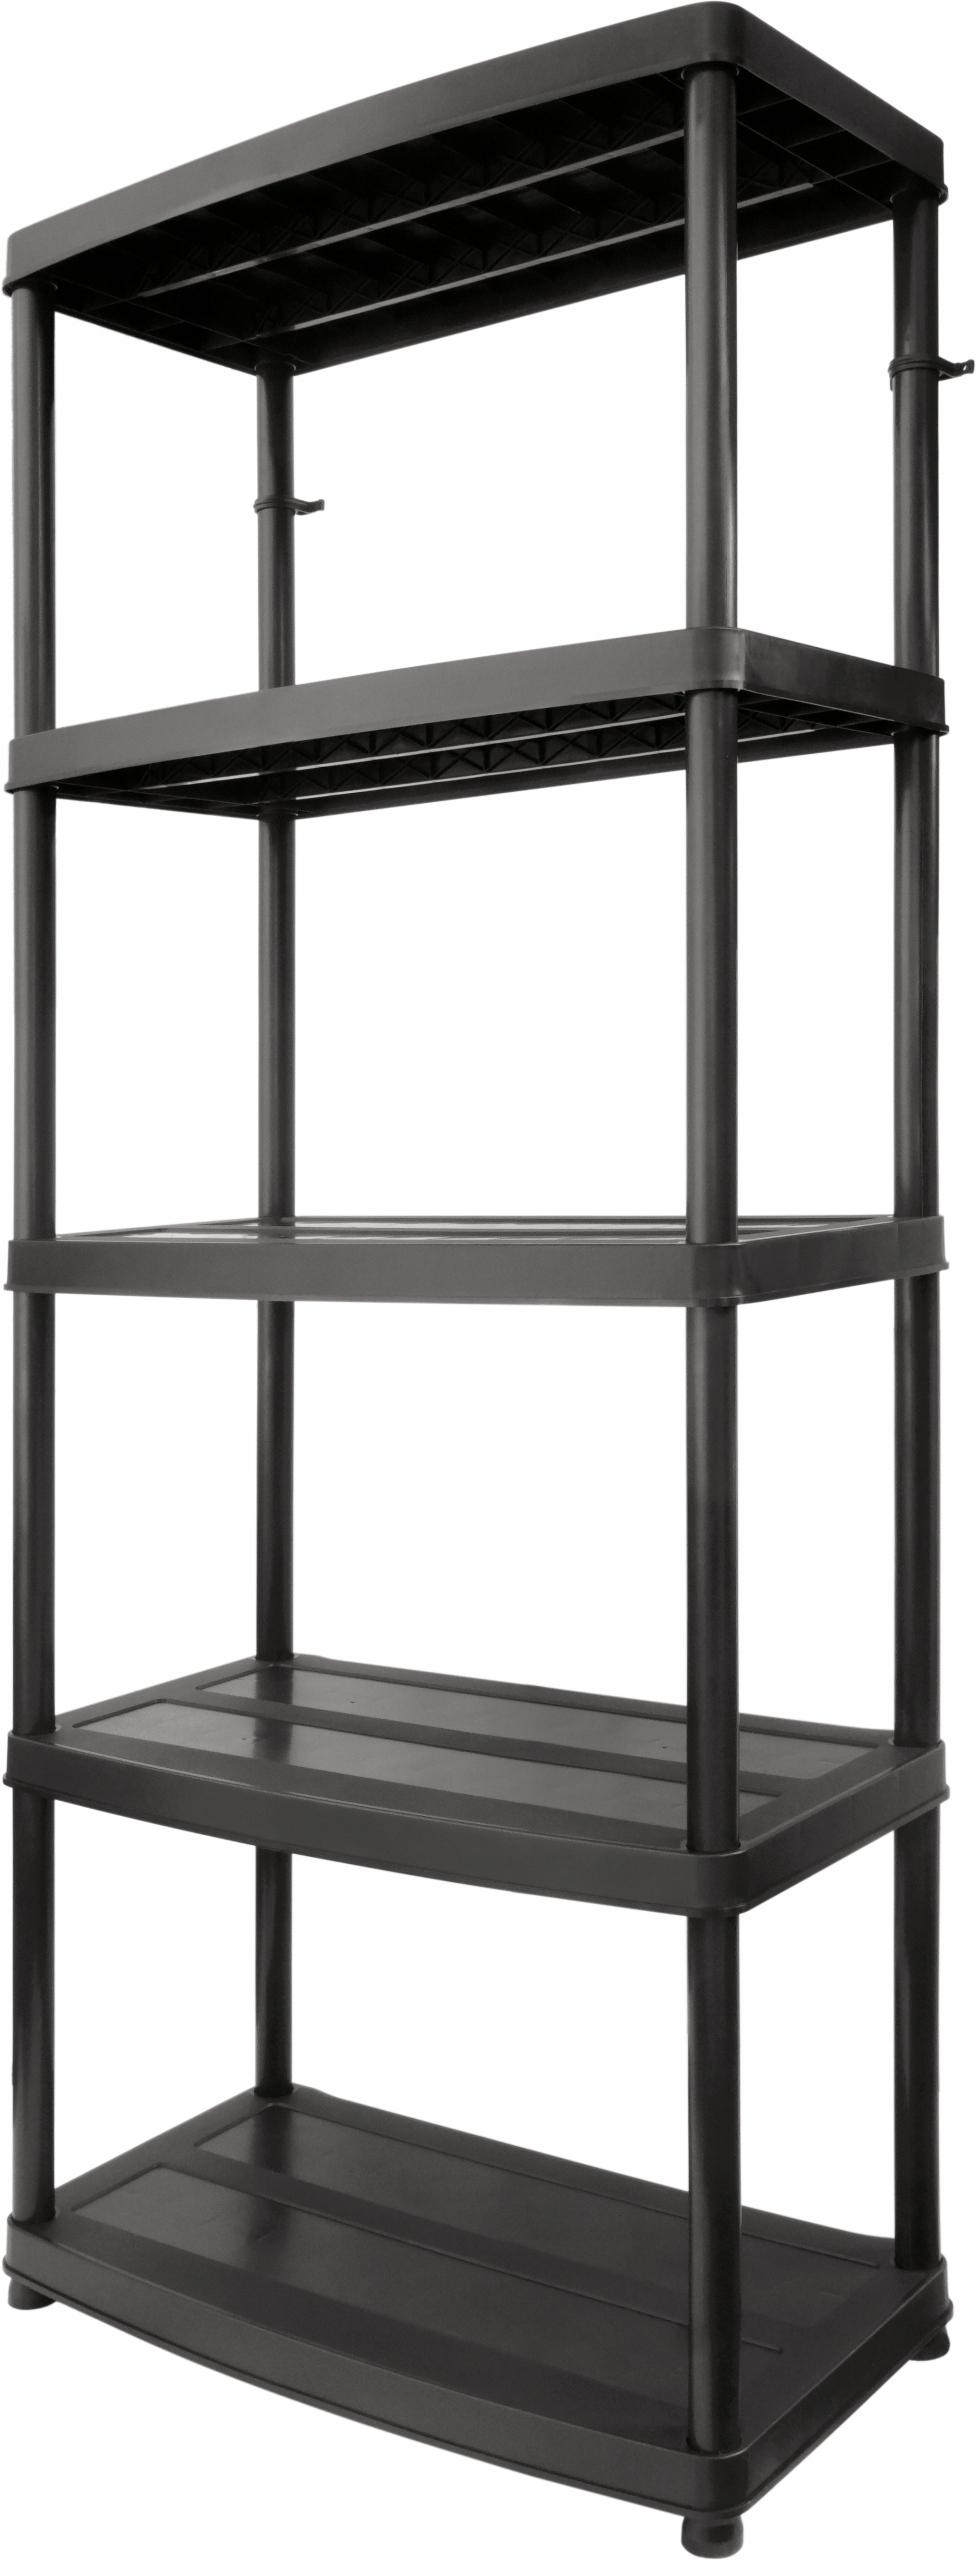 Книжный шкаф пластиковый 5 полок 250 кг 75x40x180 см